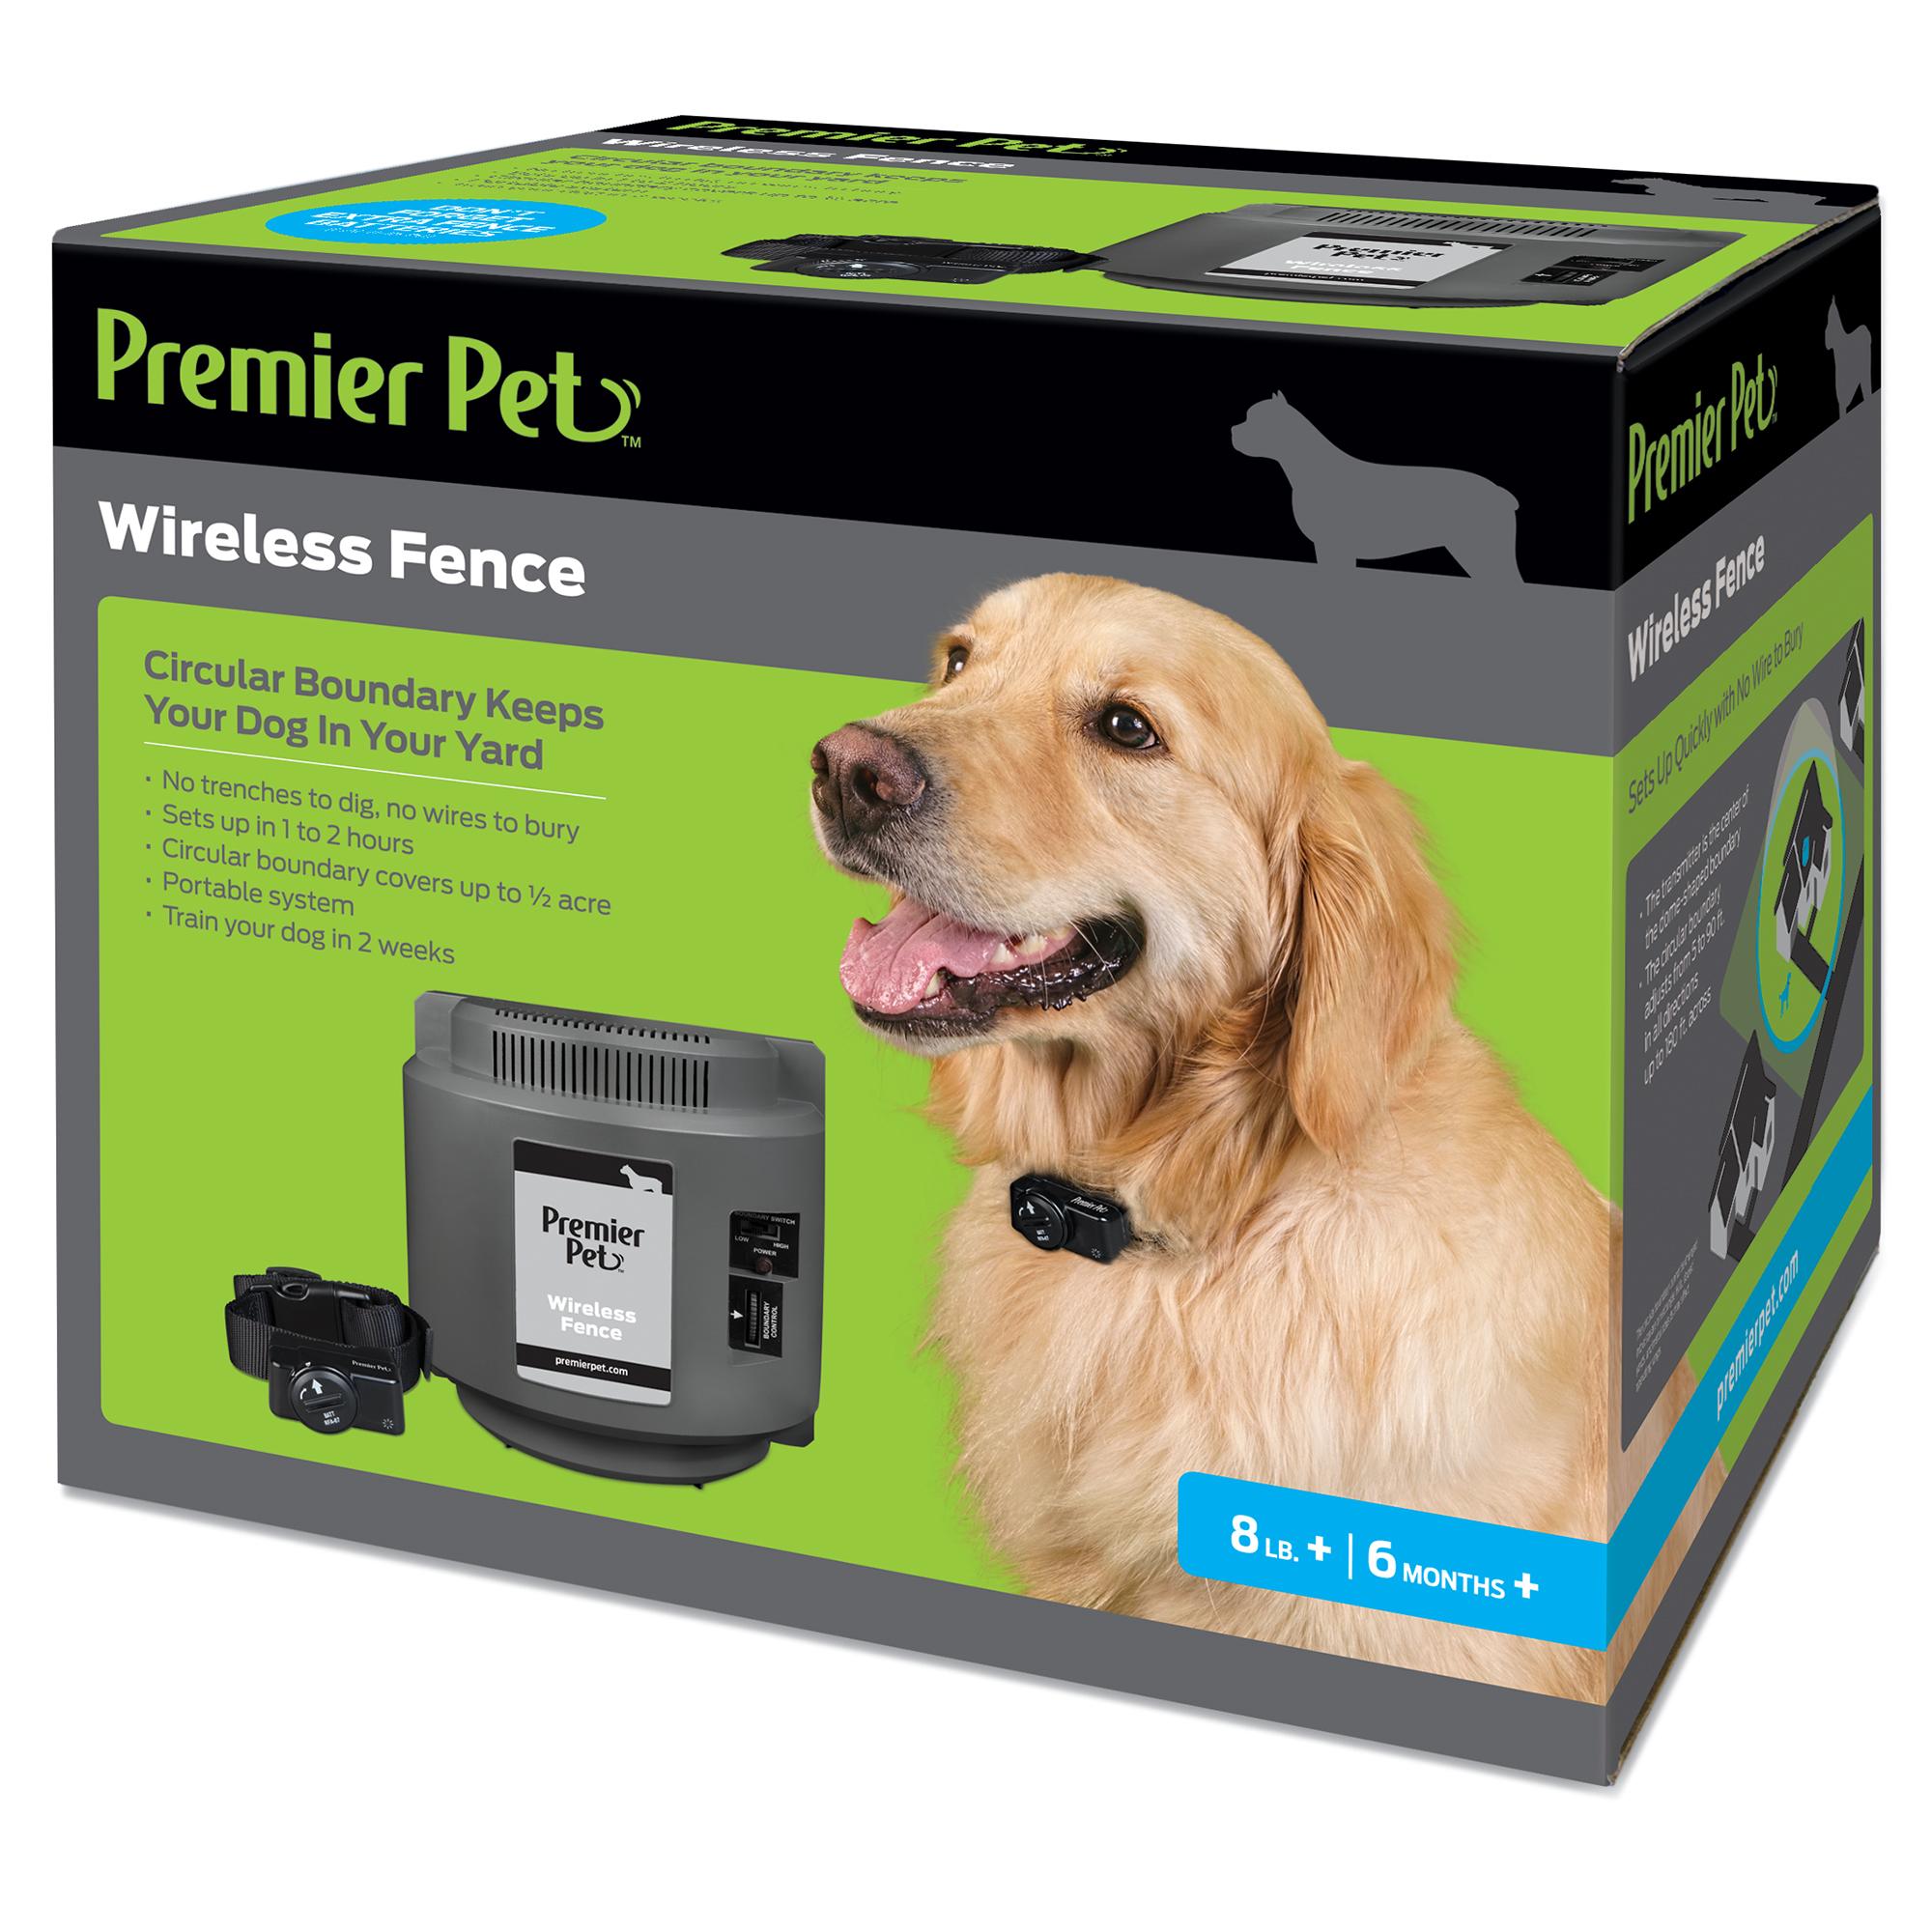 Premier Pet Wireless Fence